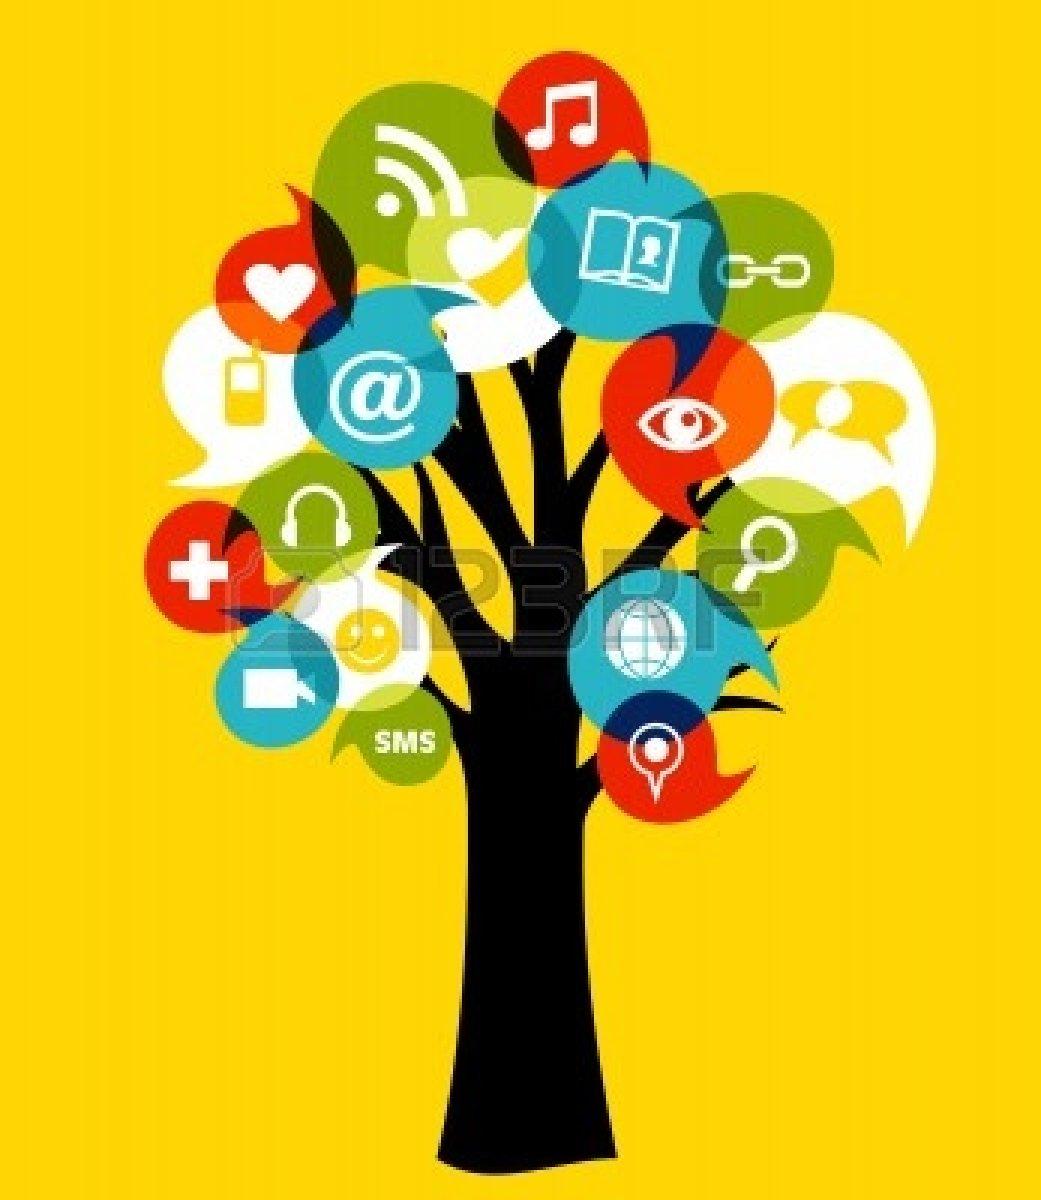 14777619-arbol-de-la-red-social-con-los-medios-de-comunicacion-iconos-ilustracion-vectorial-hoja-en-capas-par.jpg